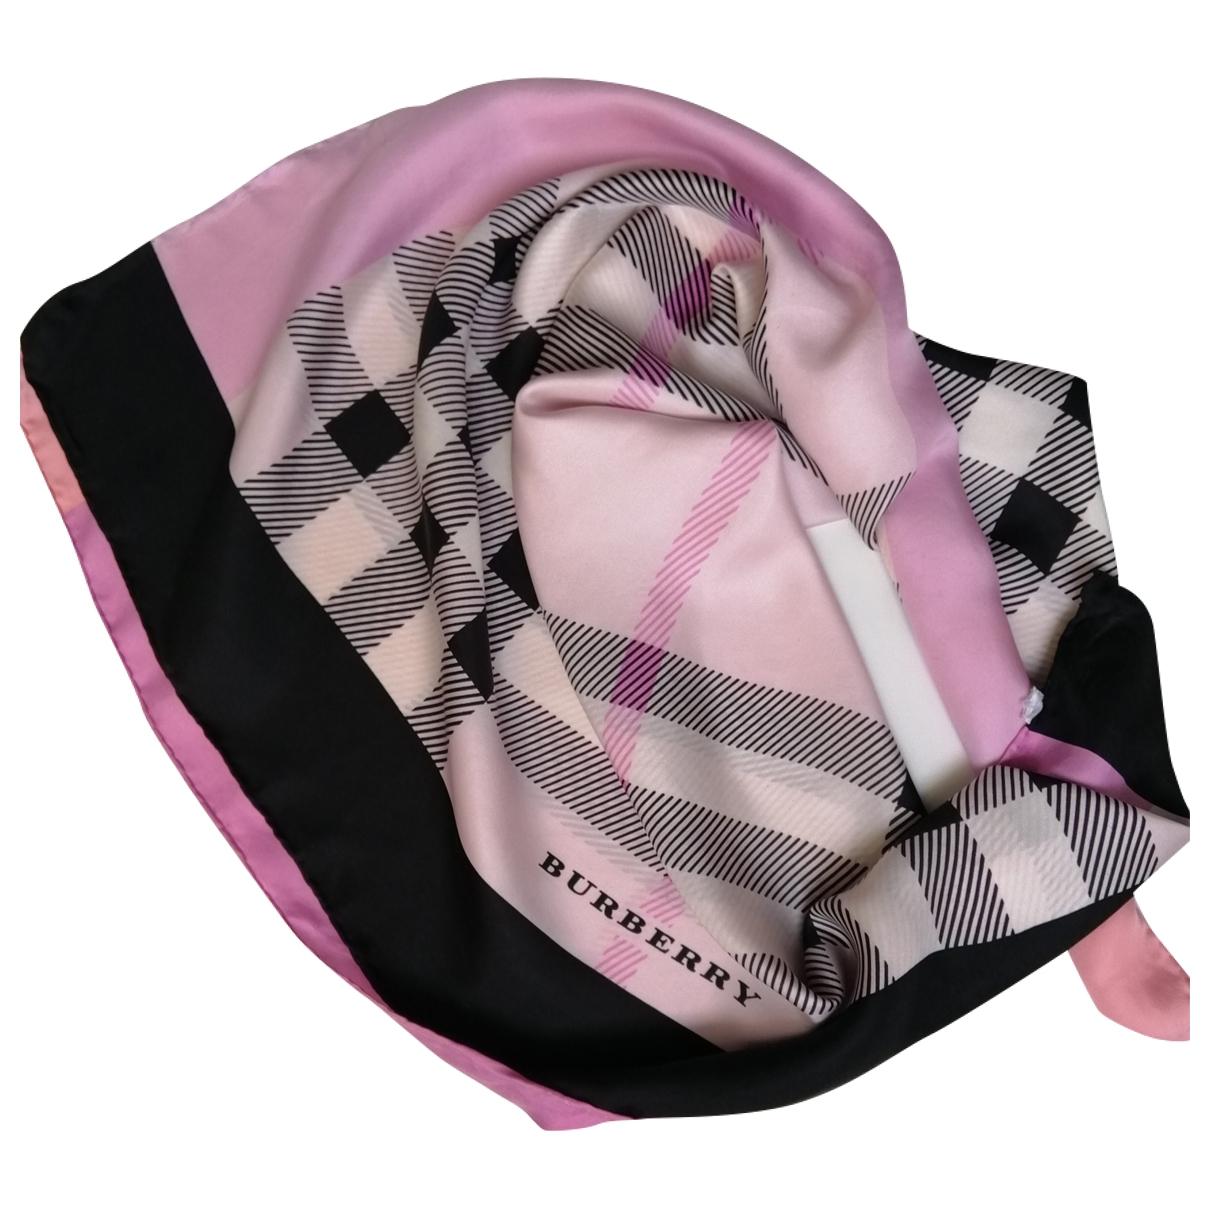 Burberry - Carre   pour femme en soie - multicolore